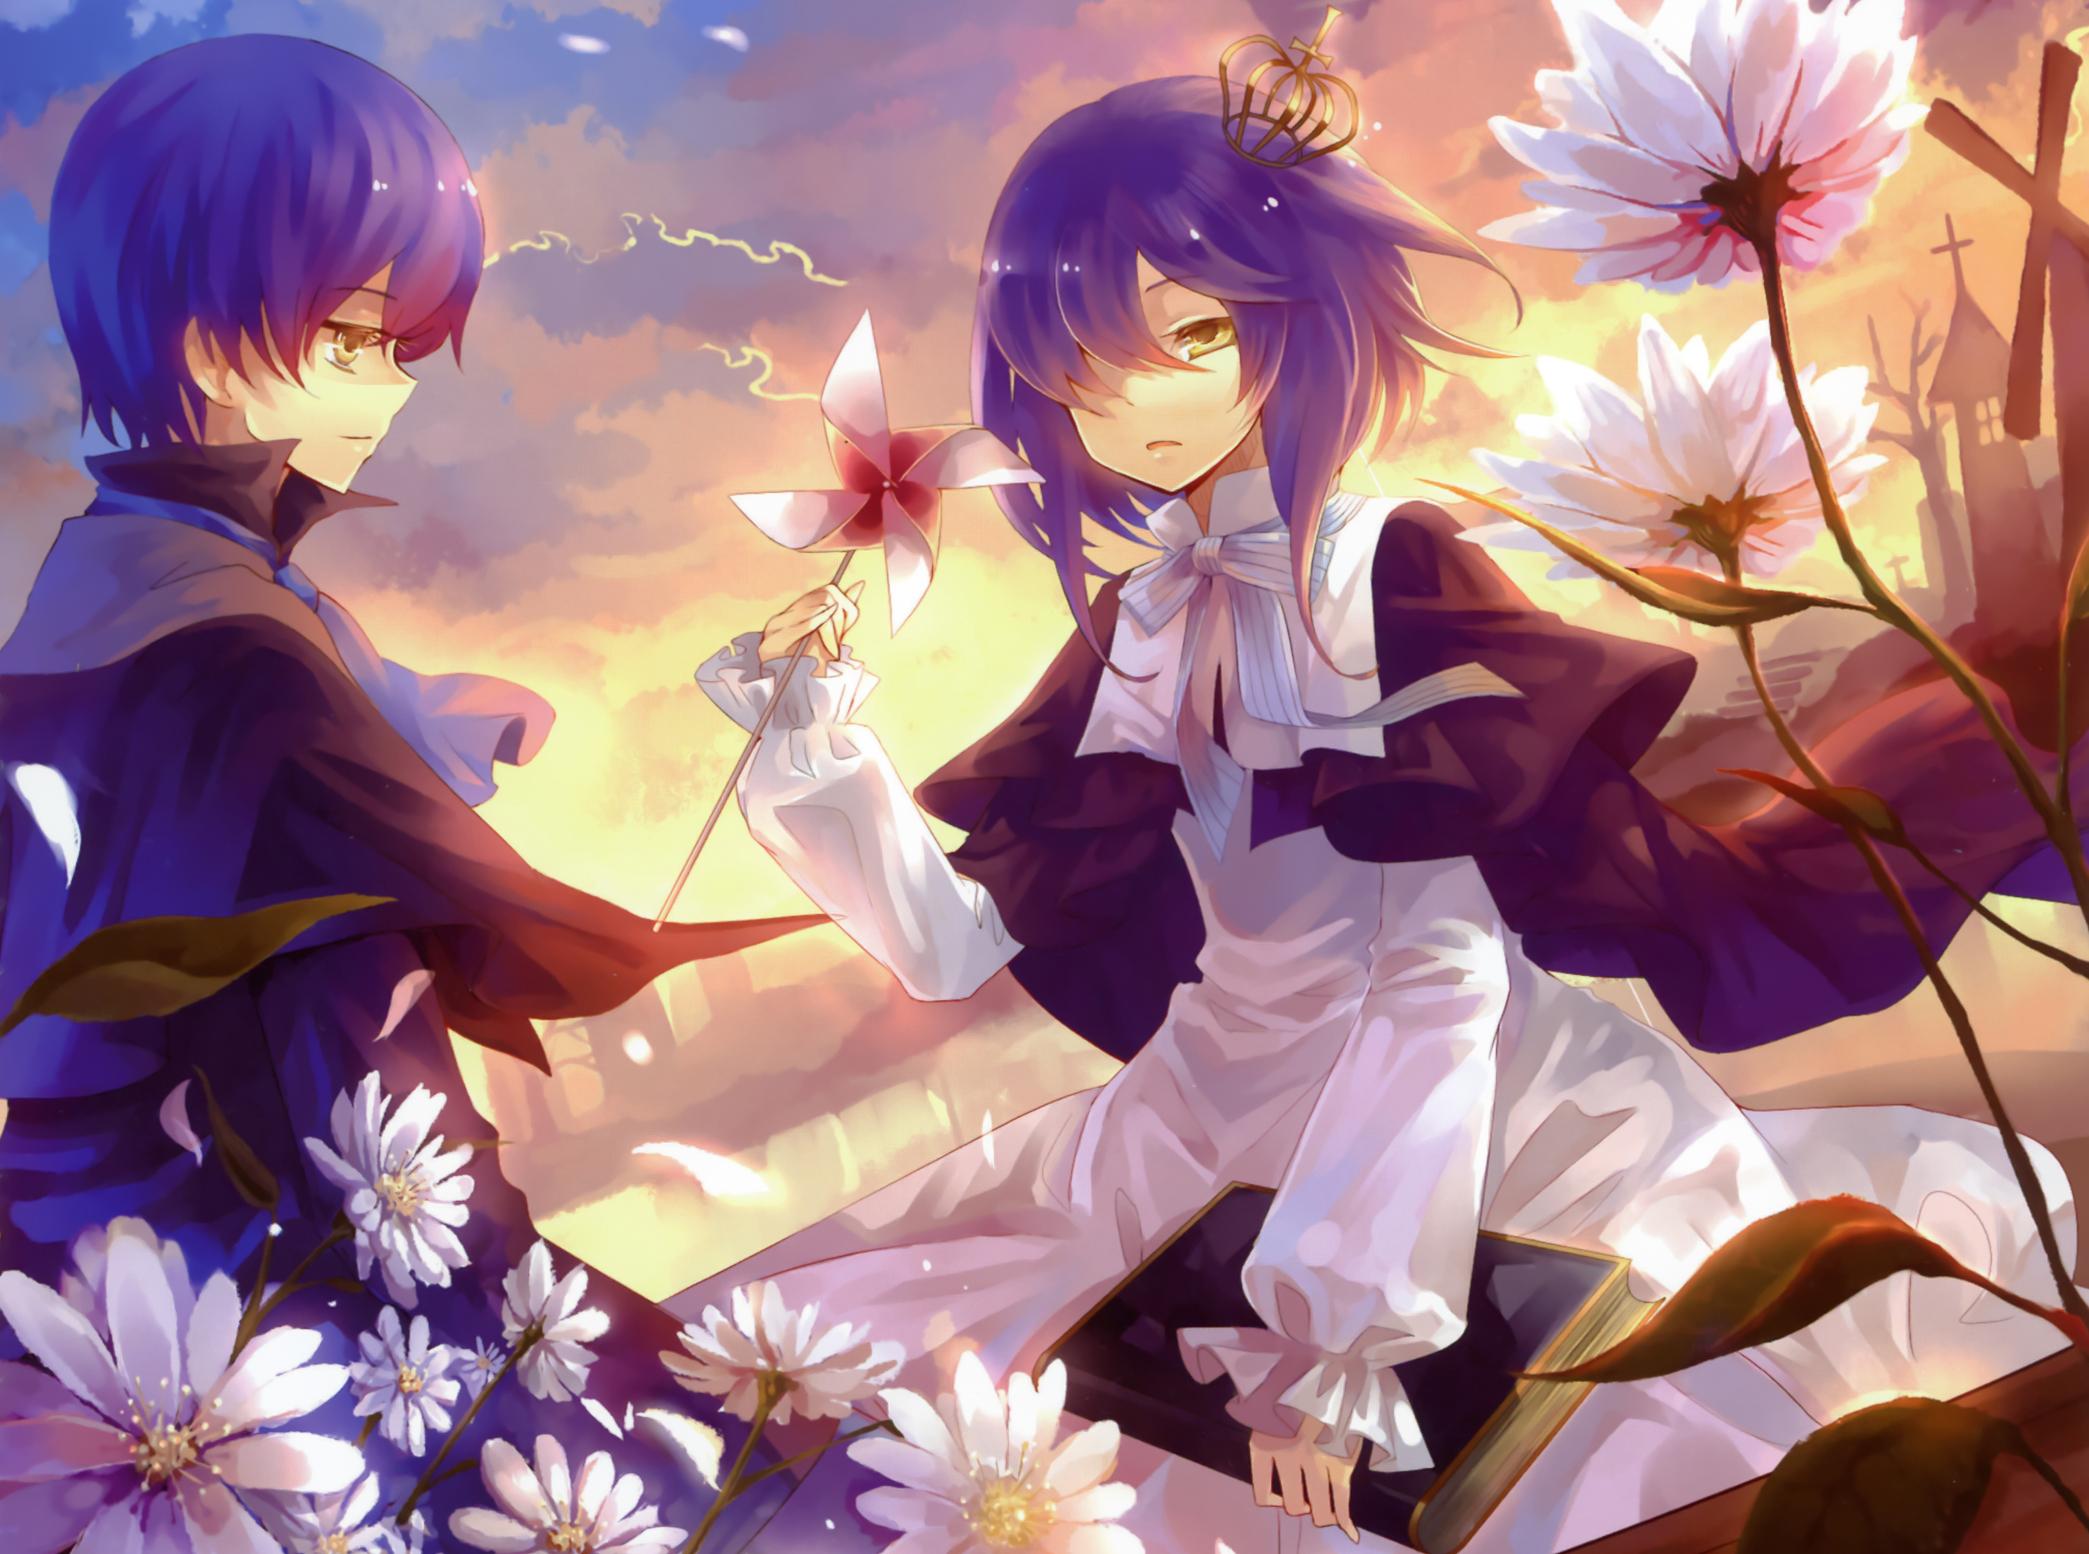 Скачать обои для рабочего стола мальчик, девочка, цветы, книга, корона